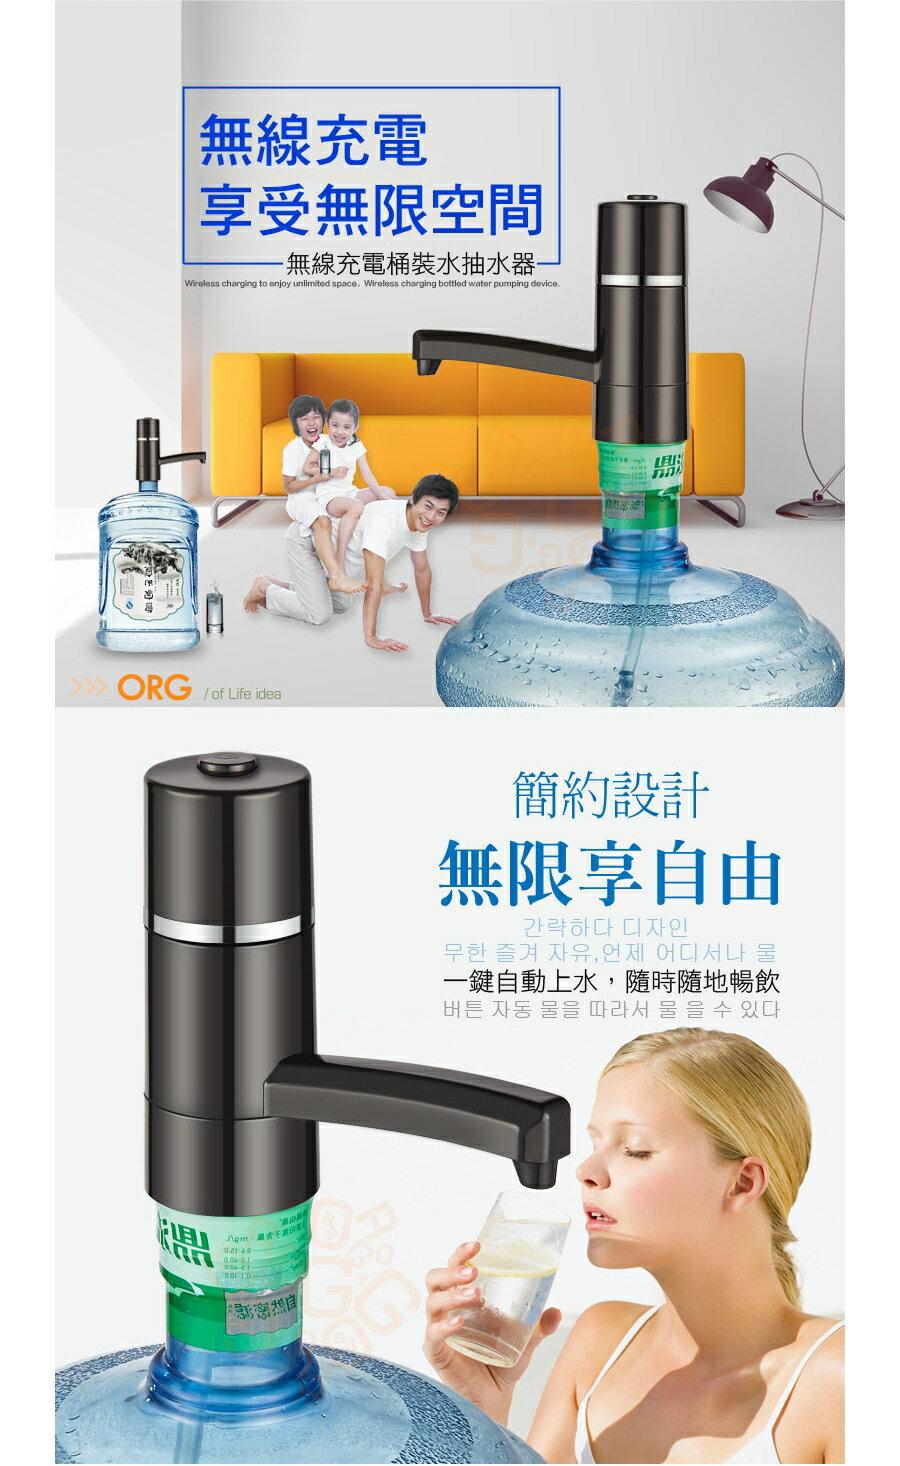 ORG《SD1086》最新款無線抽水器 USB充電款 桶裝水 取水神器 免插電抽水器 自動抽水器 自動飲水器 露營野餐 2